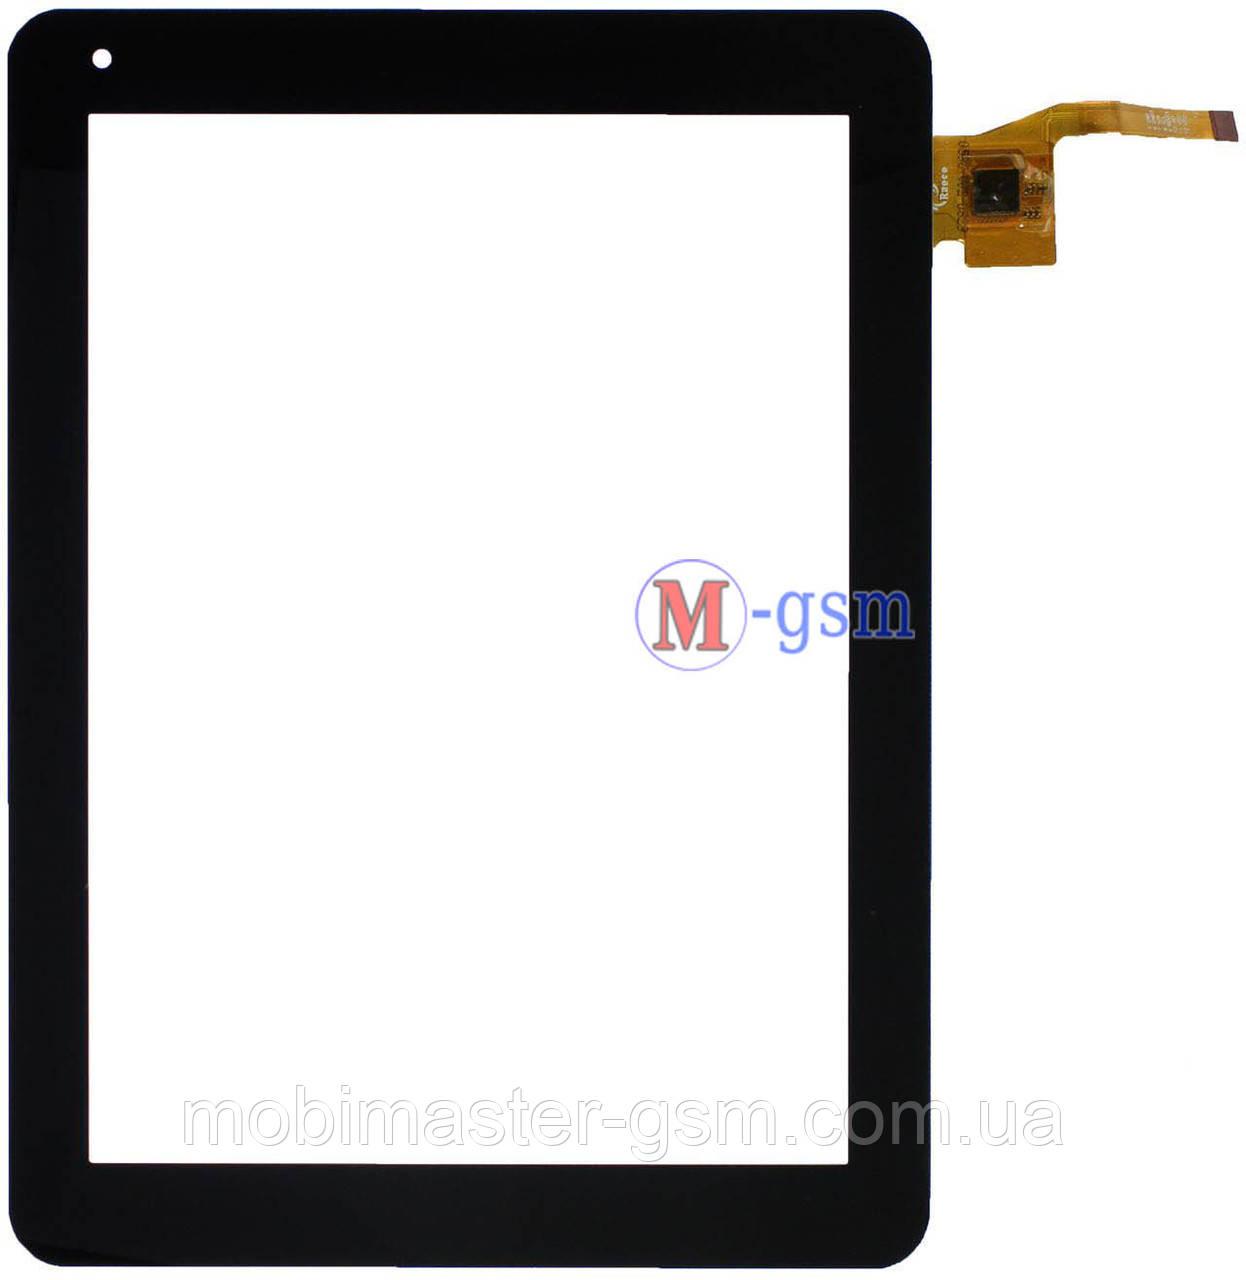 Тачскрин (сенсорный экран) Prestigio MultiPad 4 PMP5297C (p/n: F0422 KDX) черный